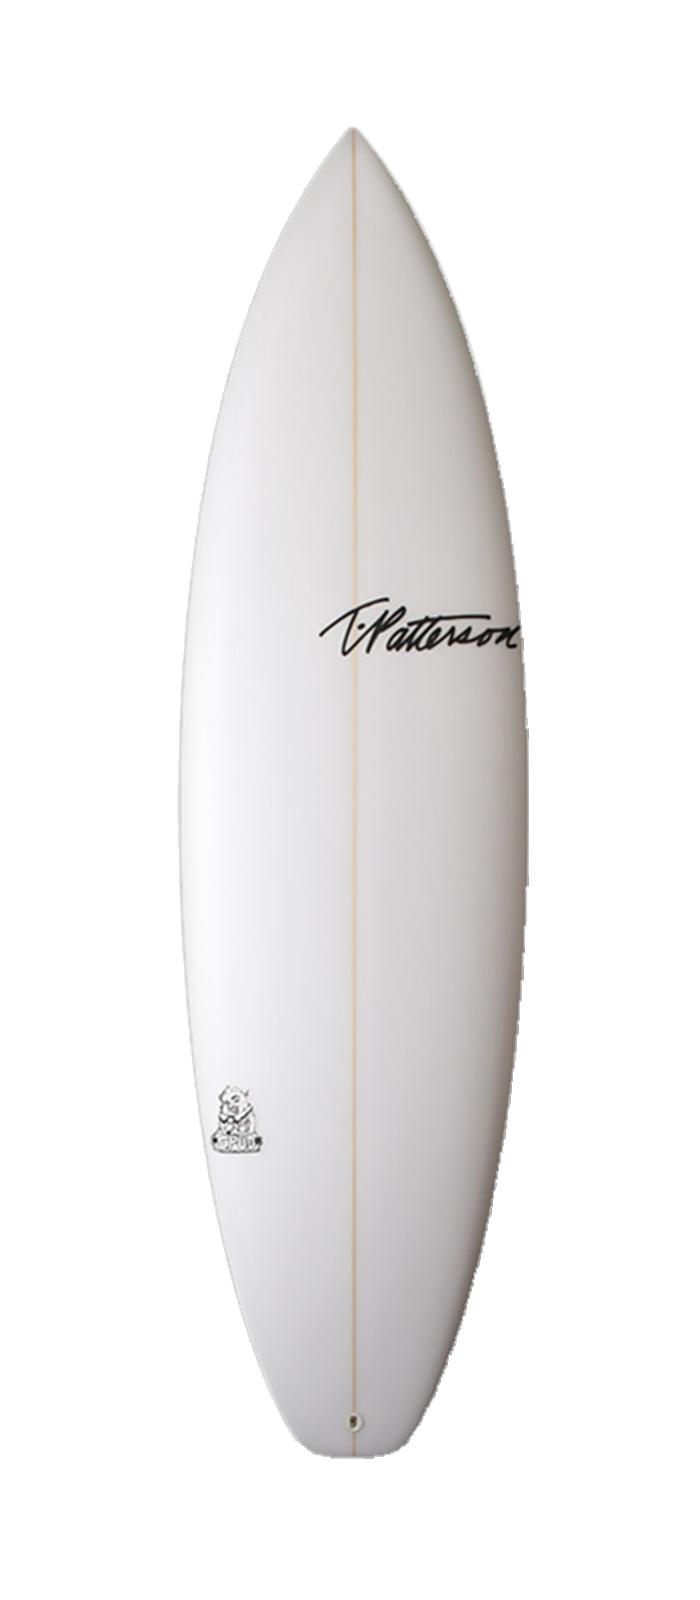 XXX surfboard model